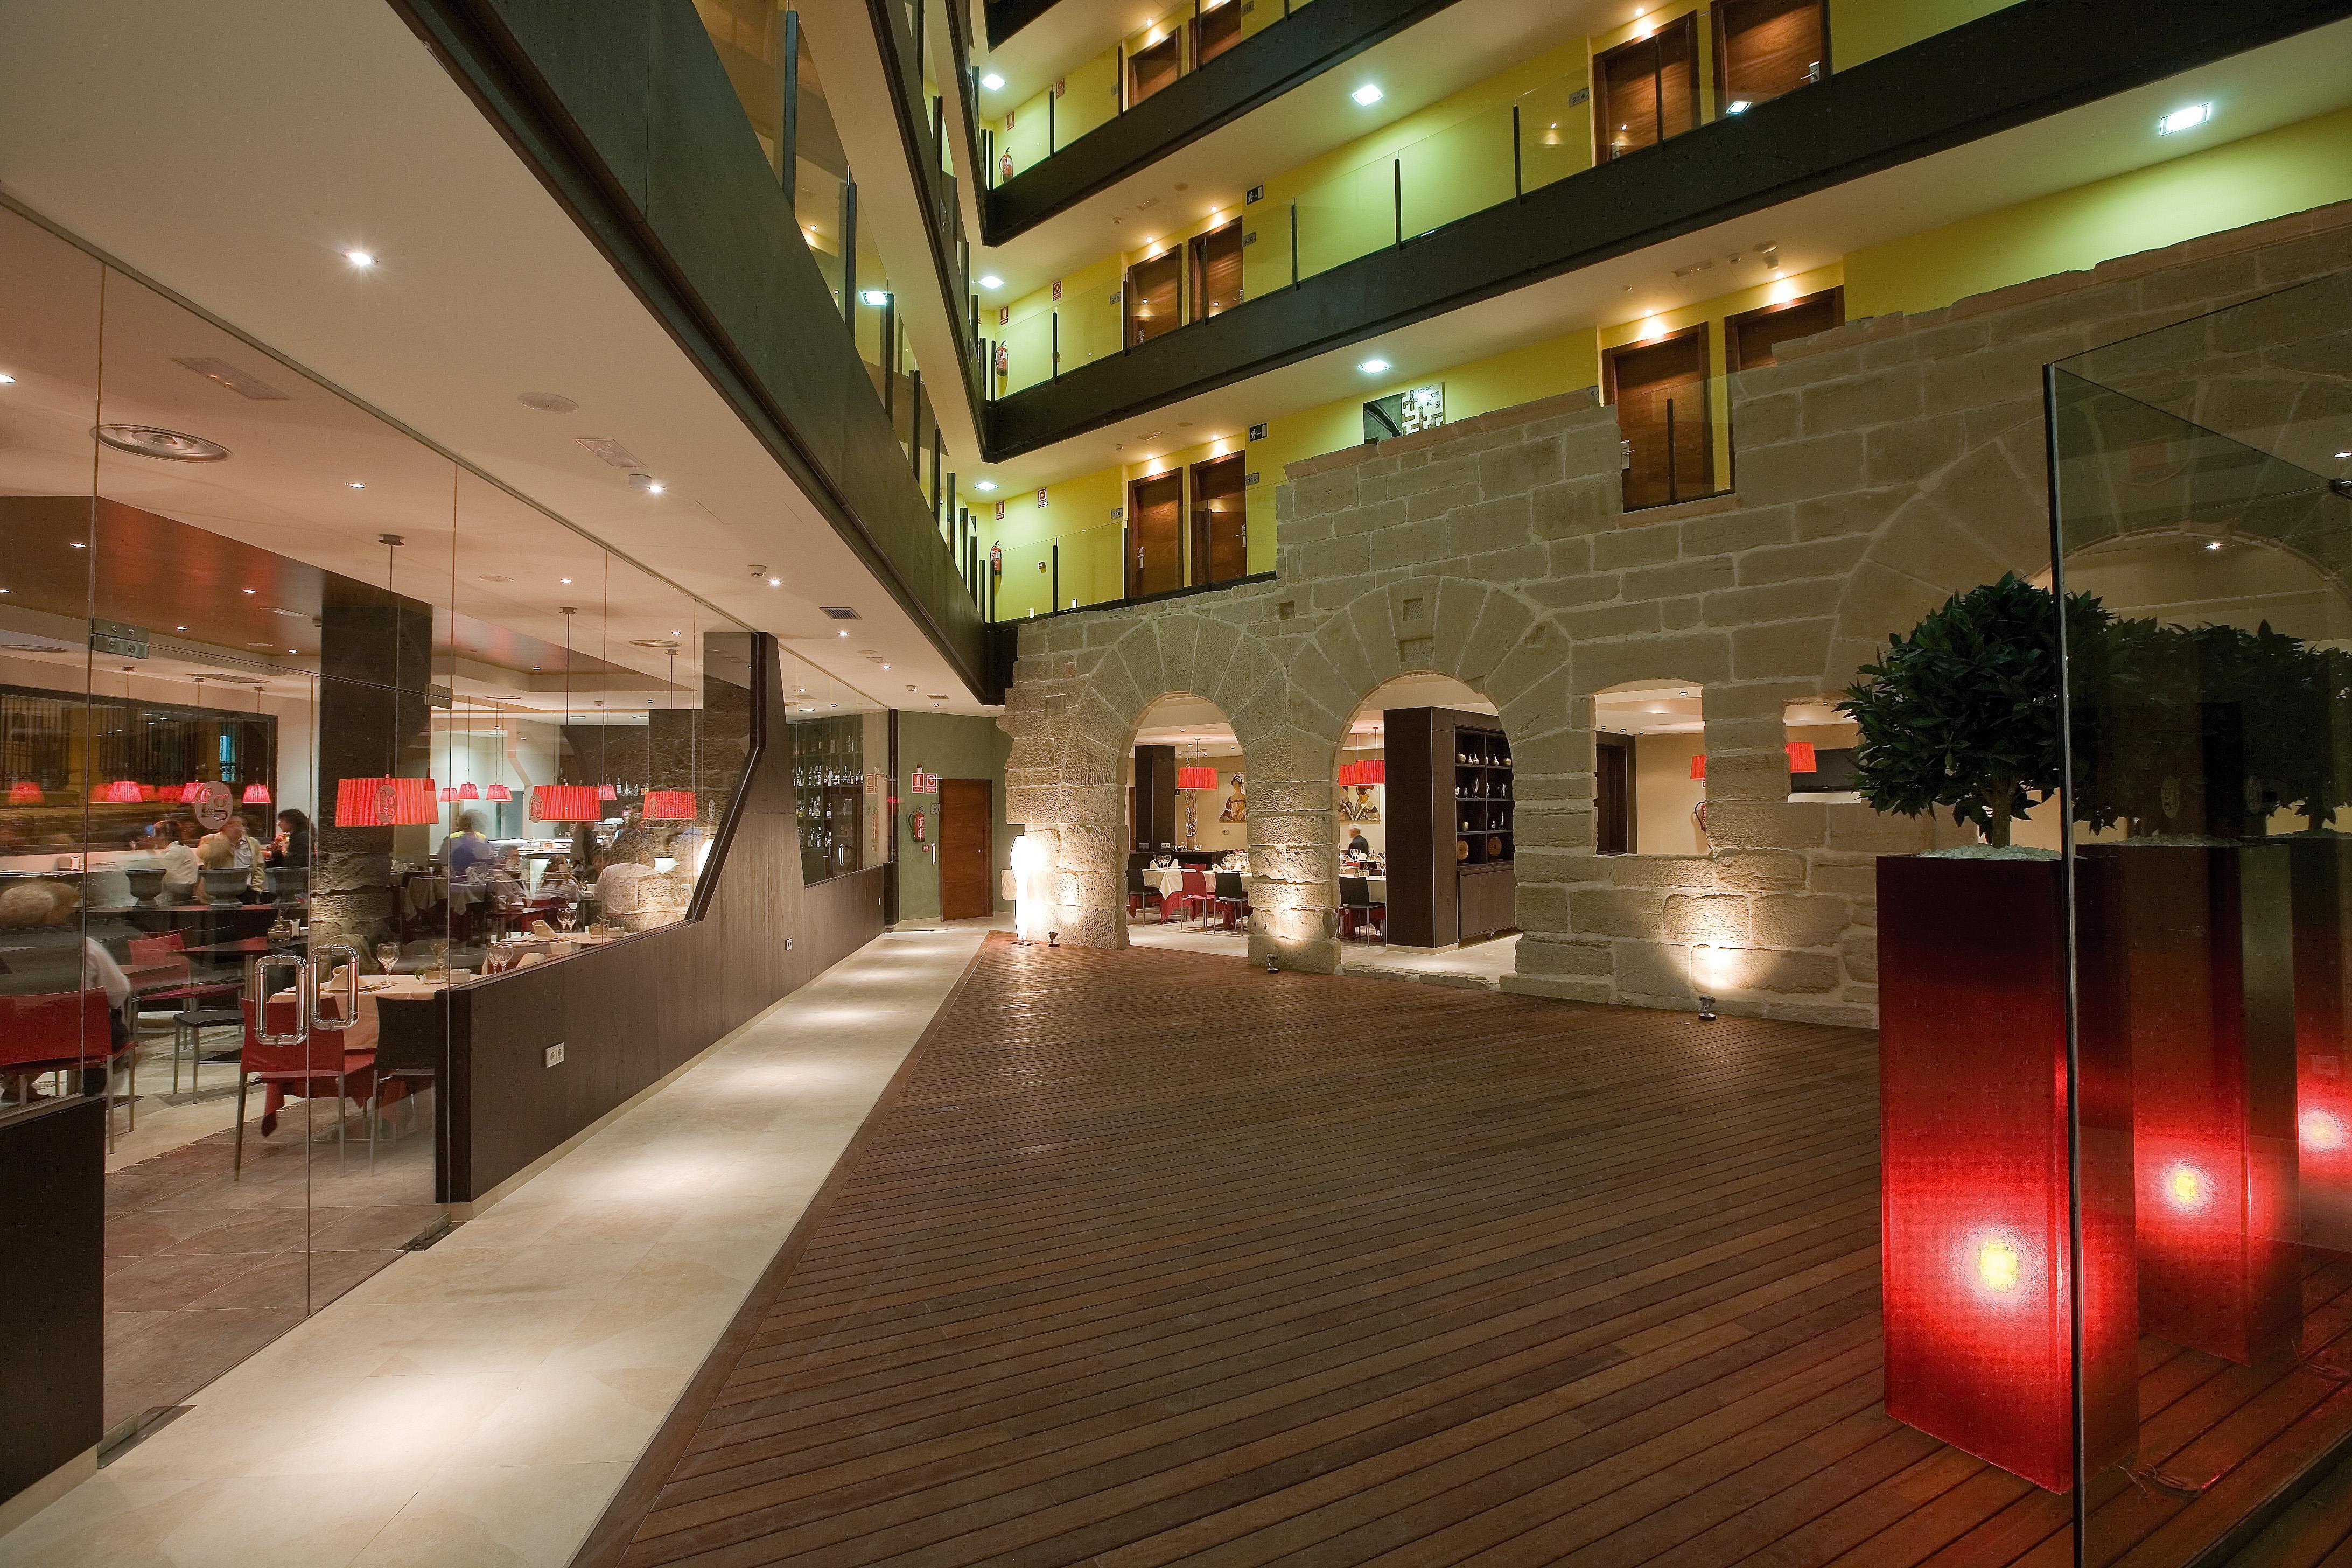 Hotel f g logro o alojamientos la rioja turismo for Hotel diseno la rioja